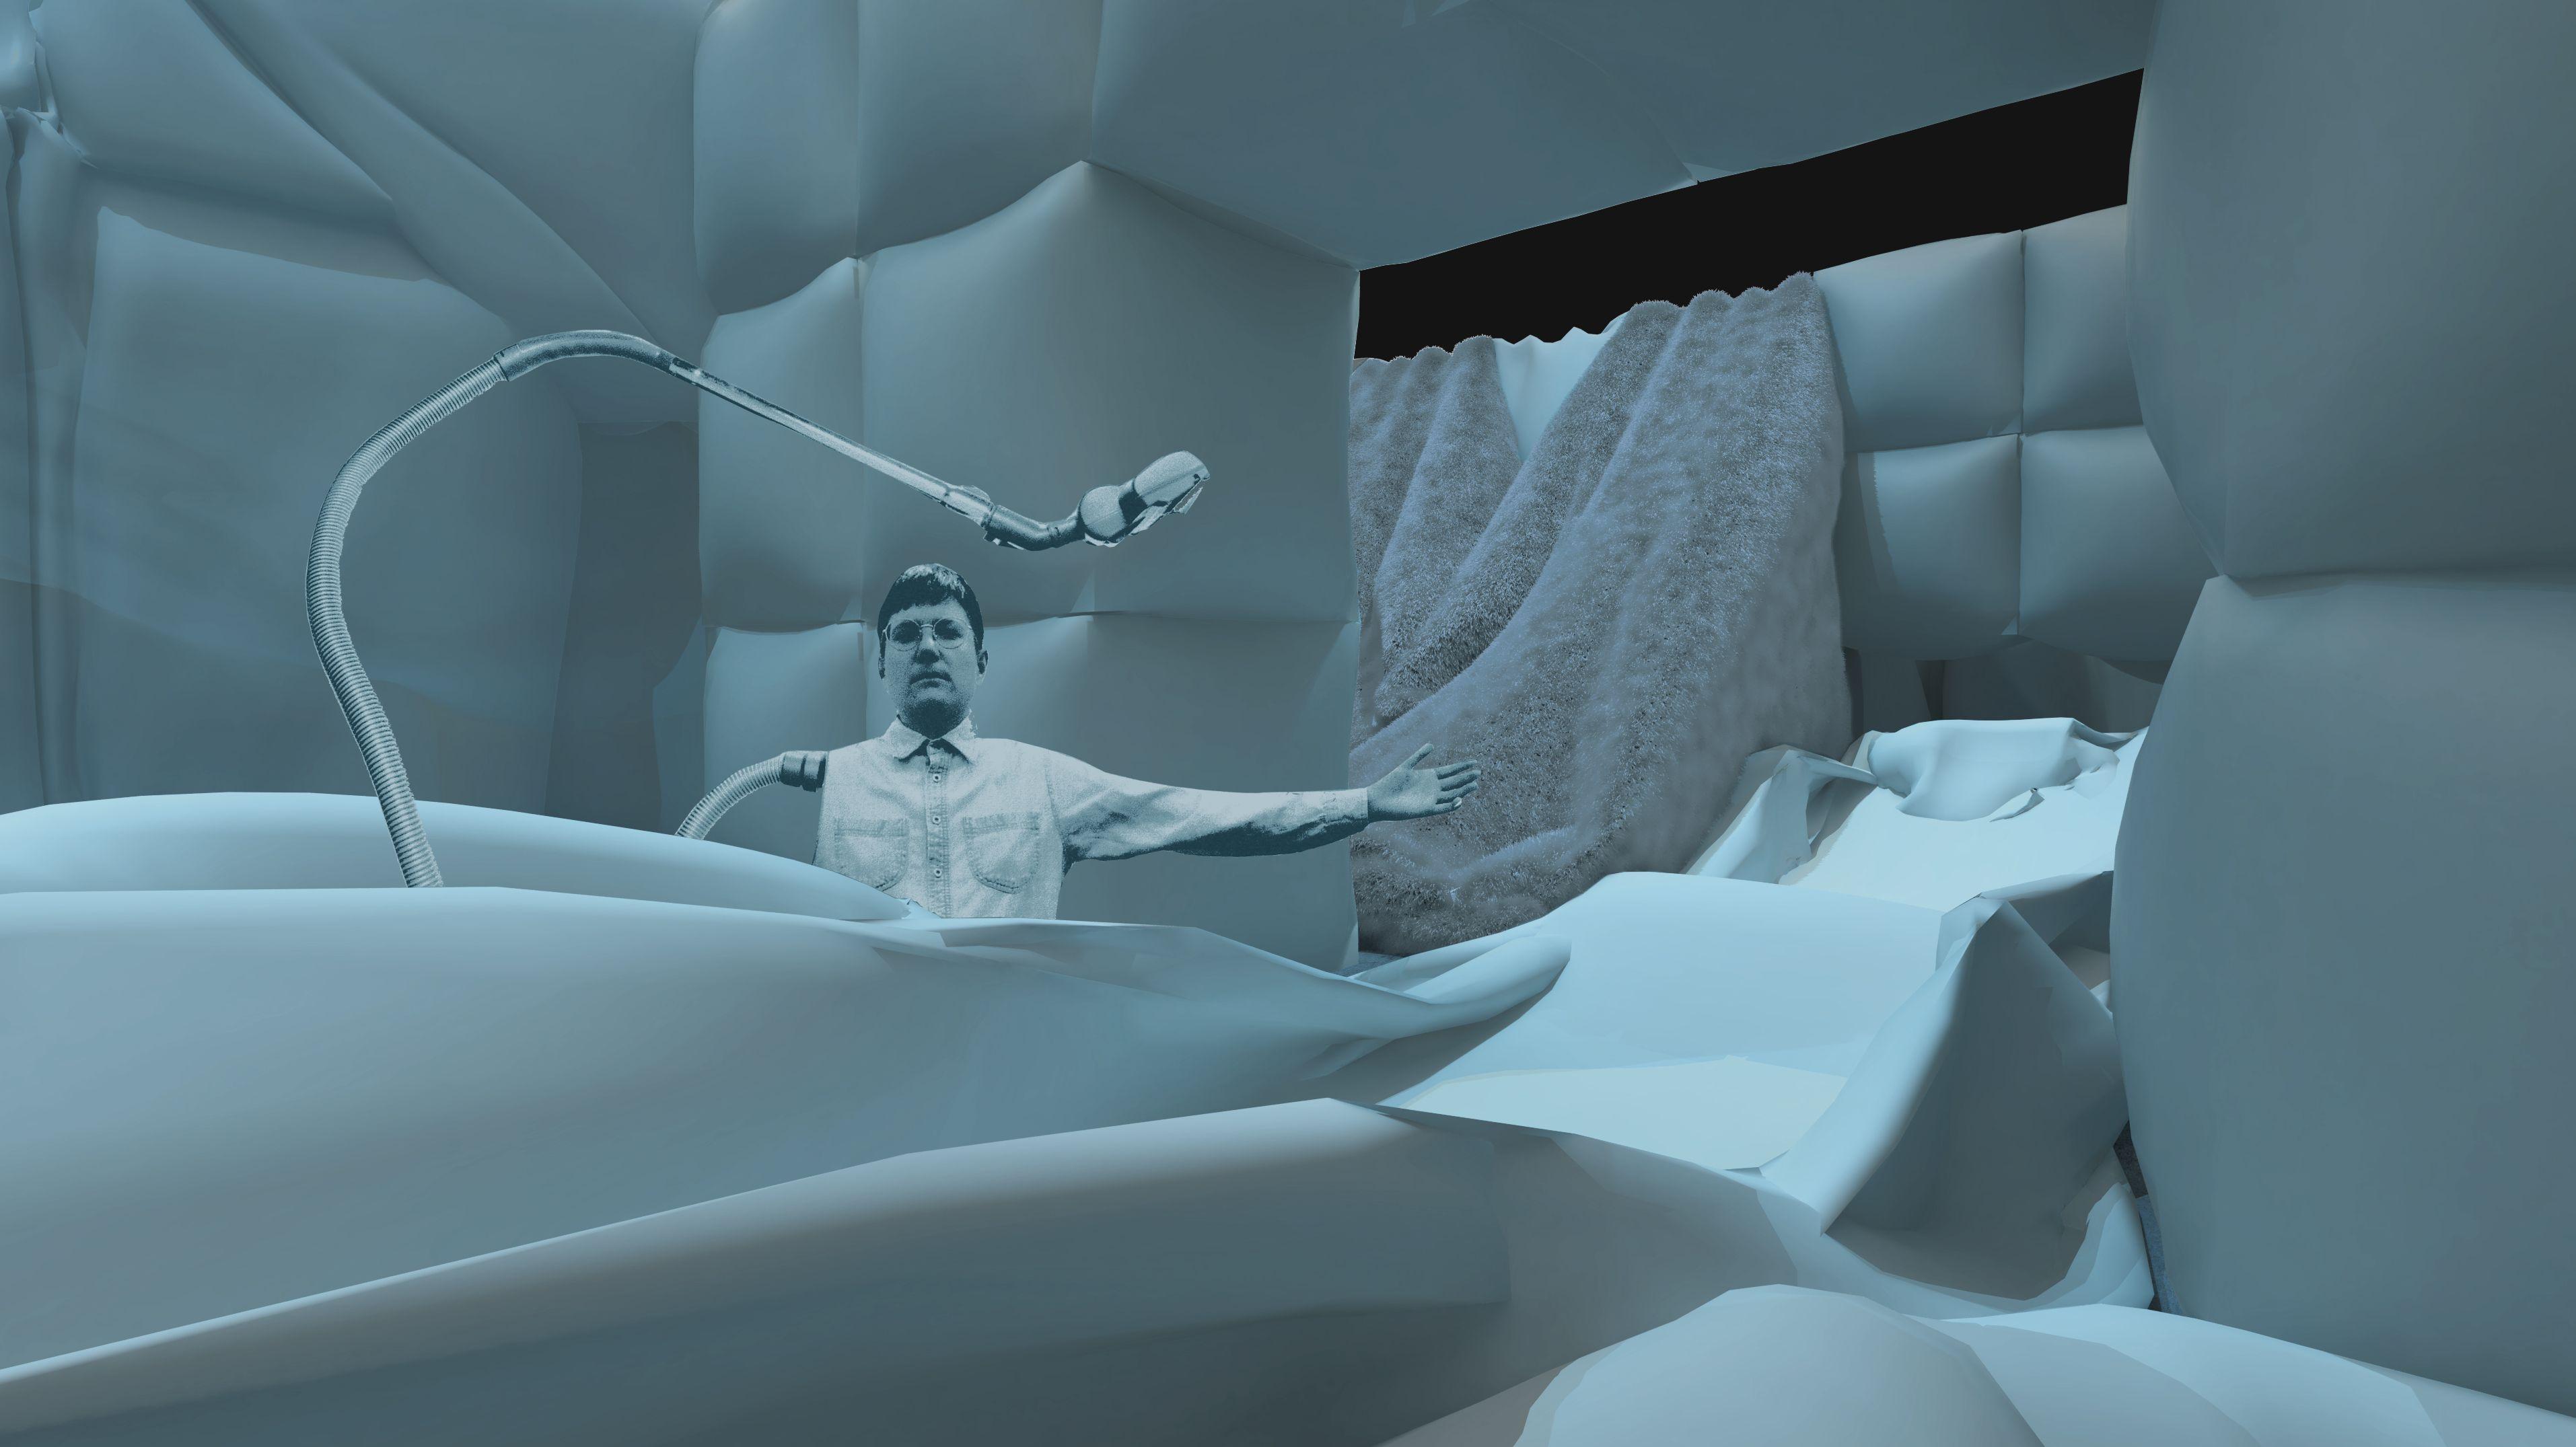 """Im Innern des Luftkissen-Parcours der """"Sensefactory"""": Man steht in einer weißen Luftkissen-Architektur (Computergrafik)"""